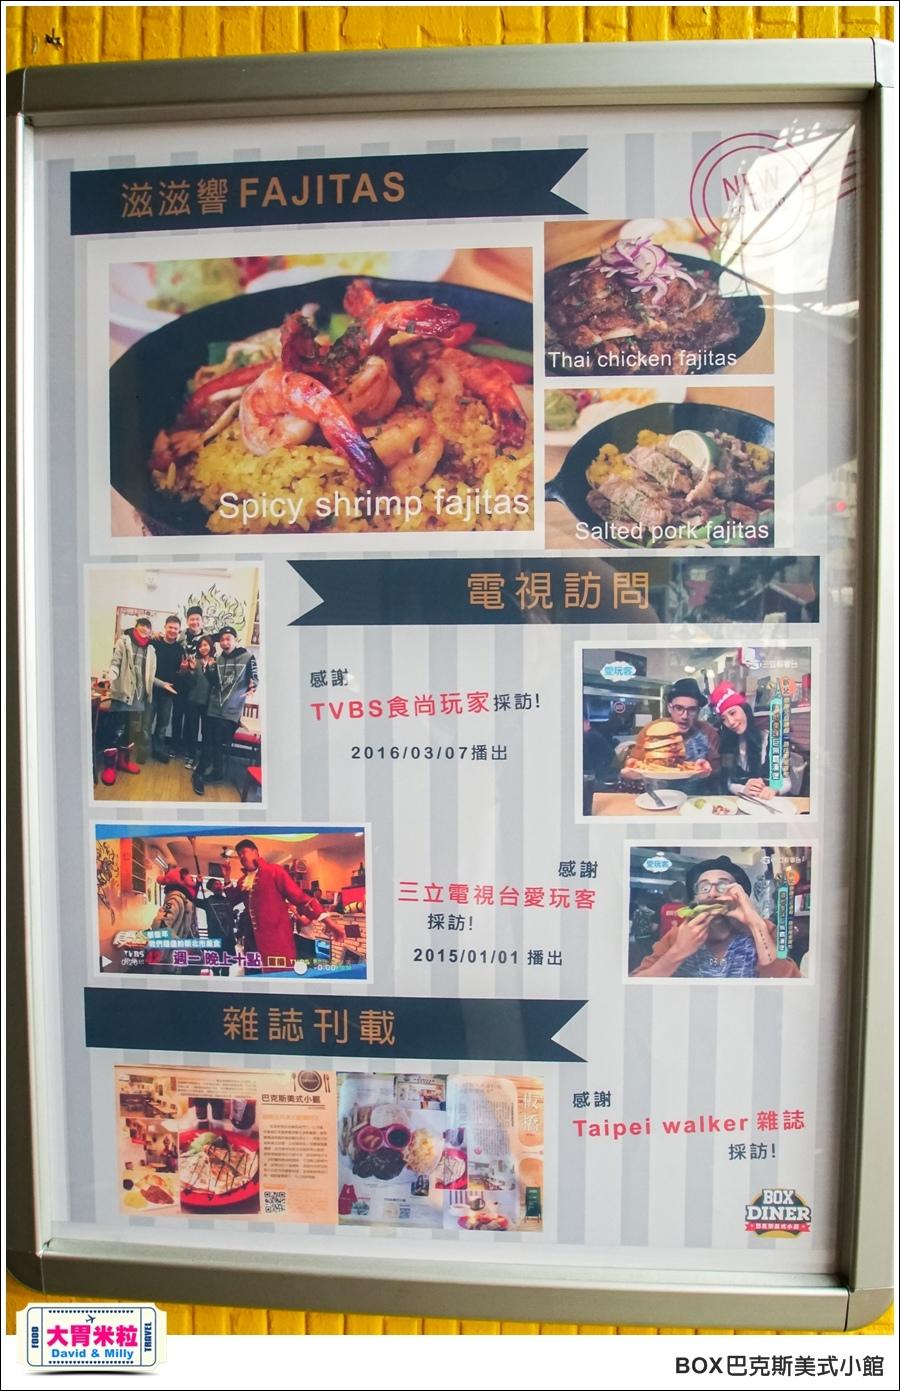 板橋異國料理推薦@BOX巴克斯美式小館 聖誕大餐@大胃米粒0004.jpg